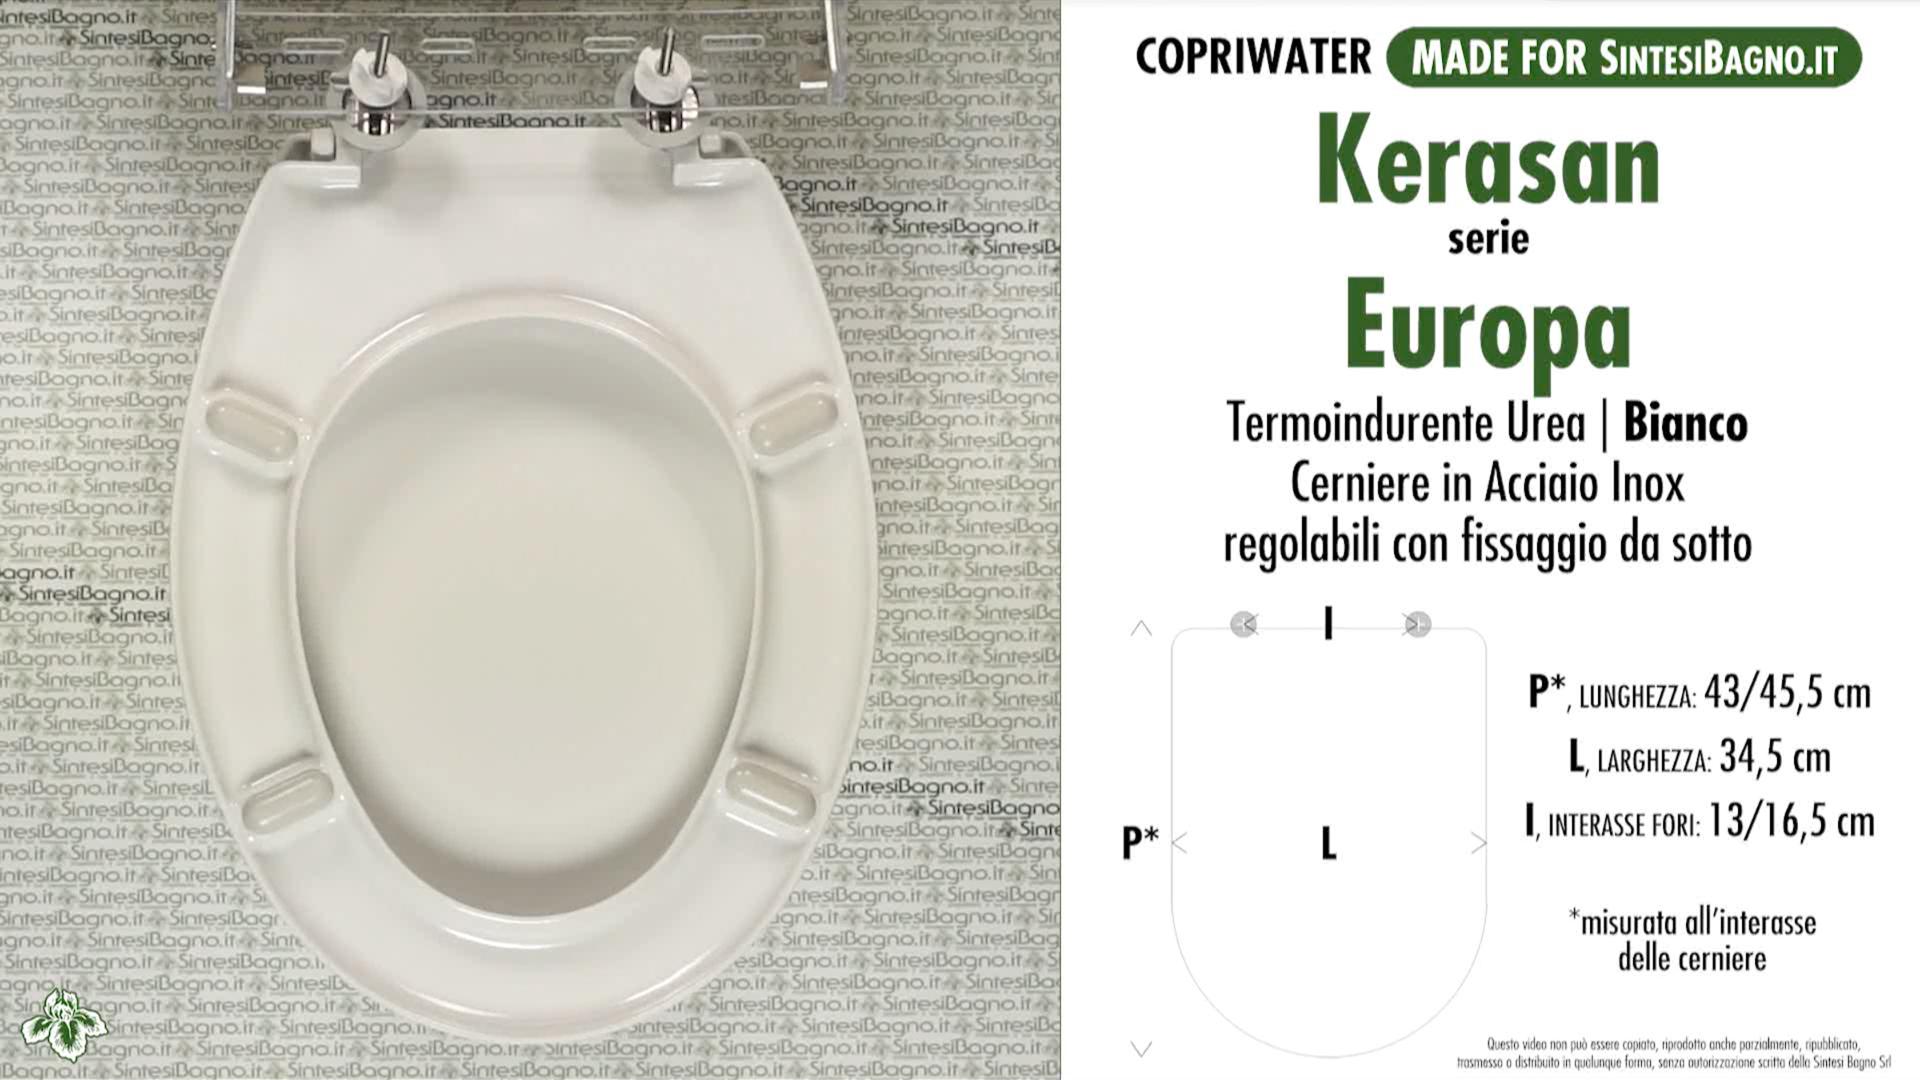 SCHEDA TECNICA MISURE copriwater KERASAN EUROPA